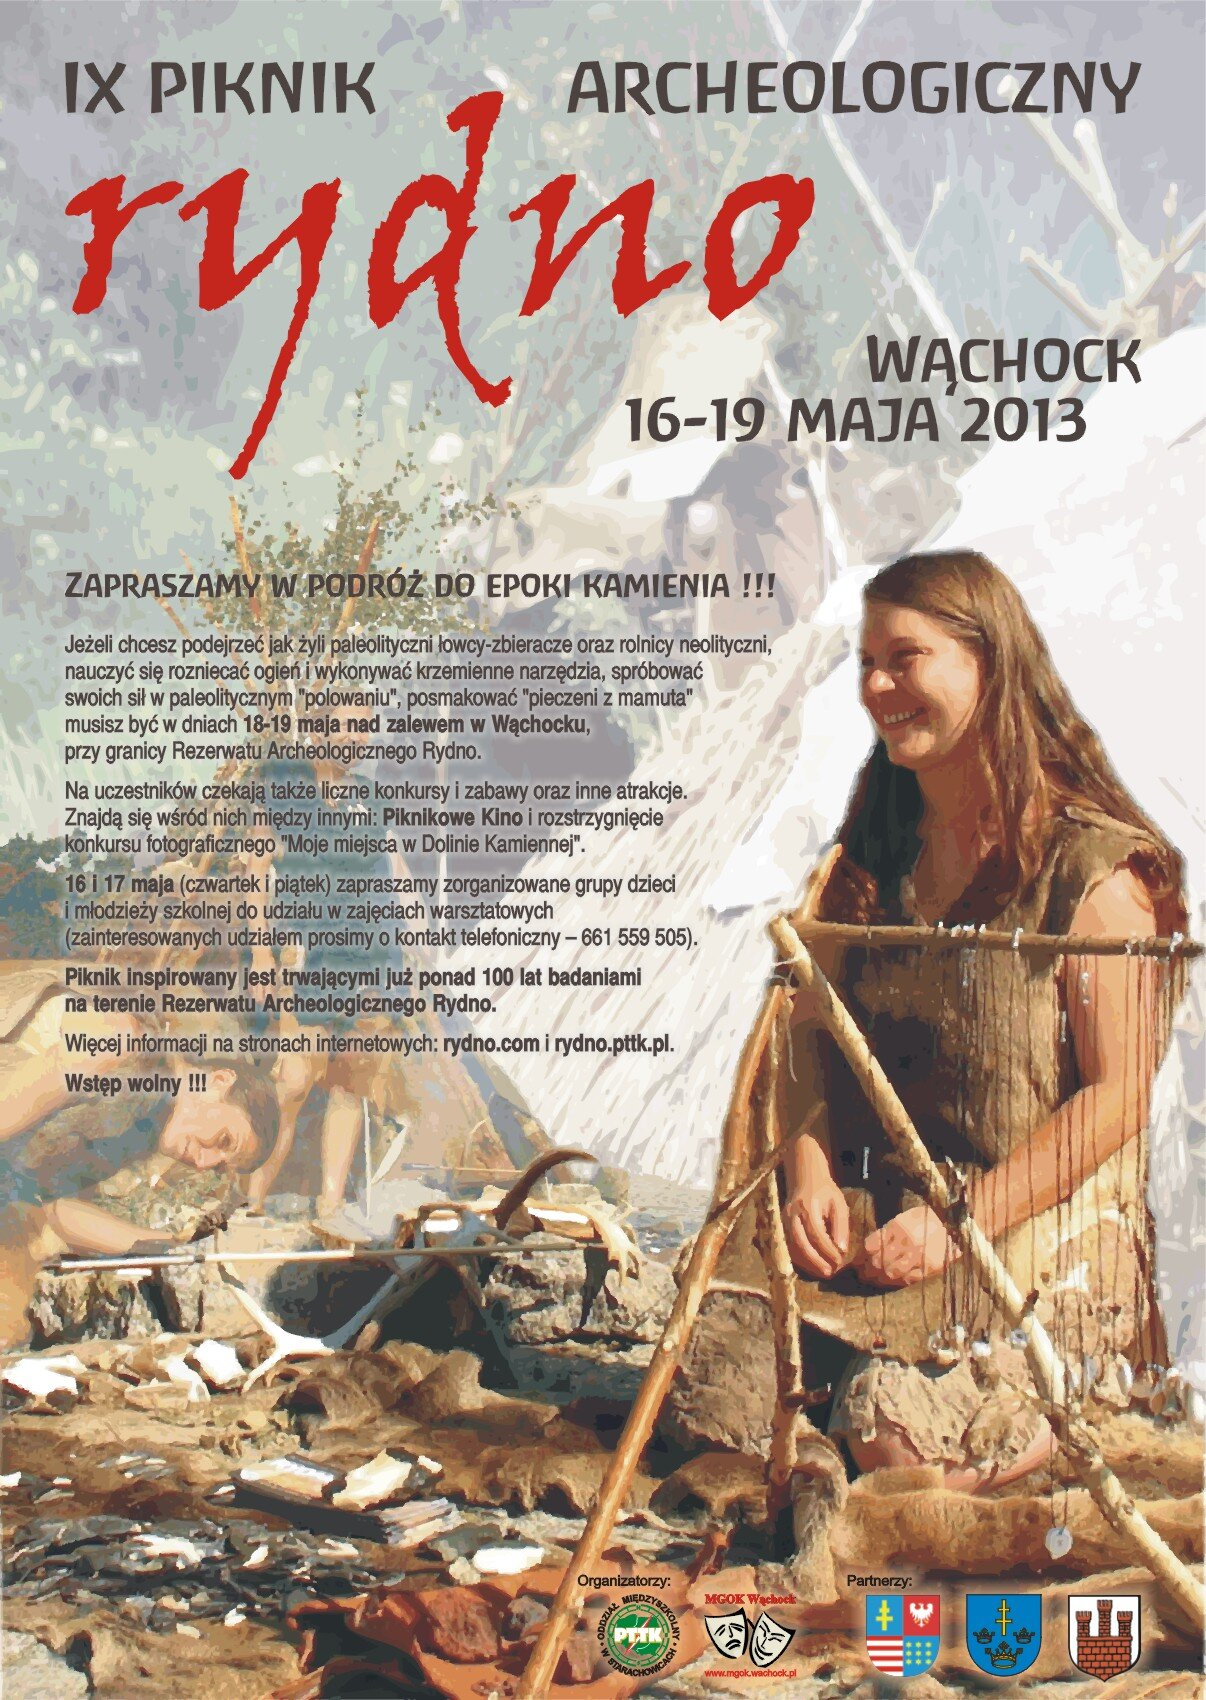 IX Piknik Archeologiczny Rydno - 16-19 maja 2013 w Wąchocku - epoka kamienia na żywo!